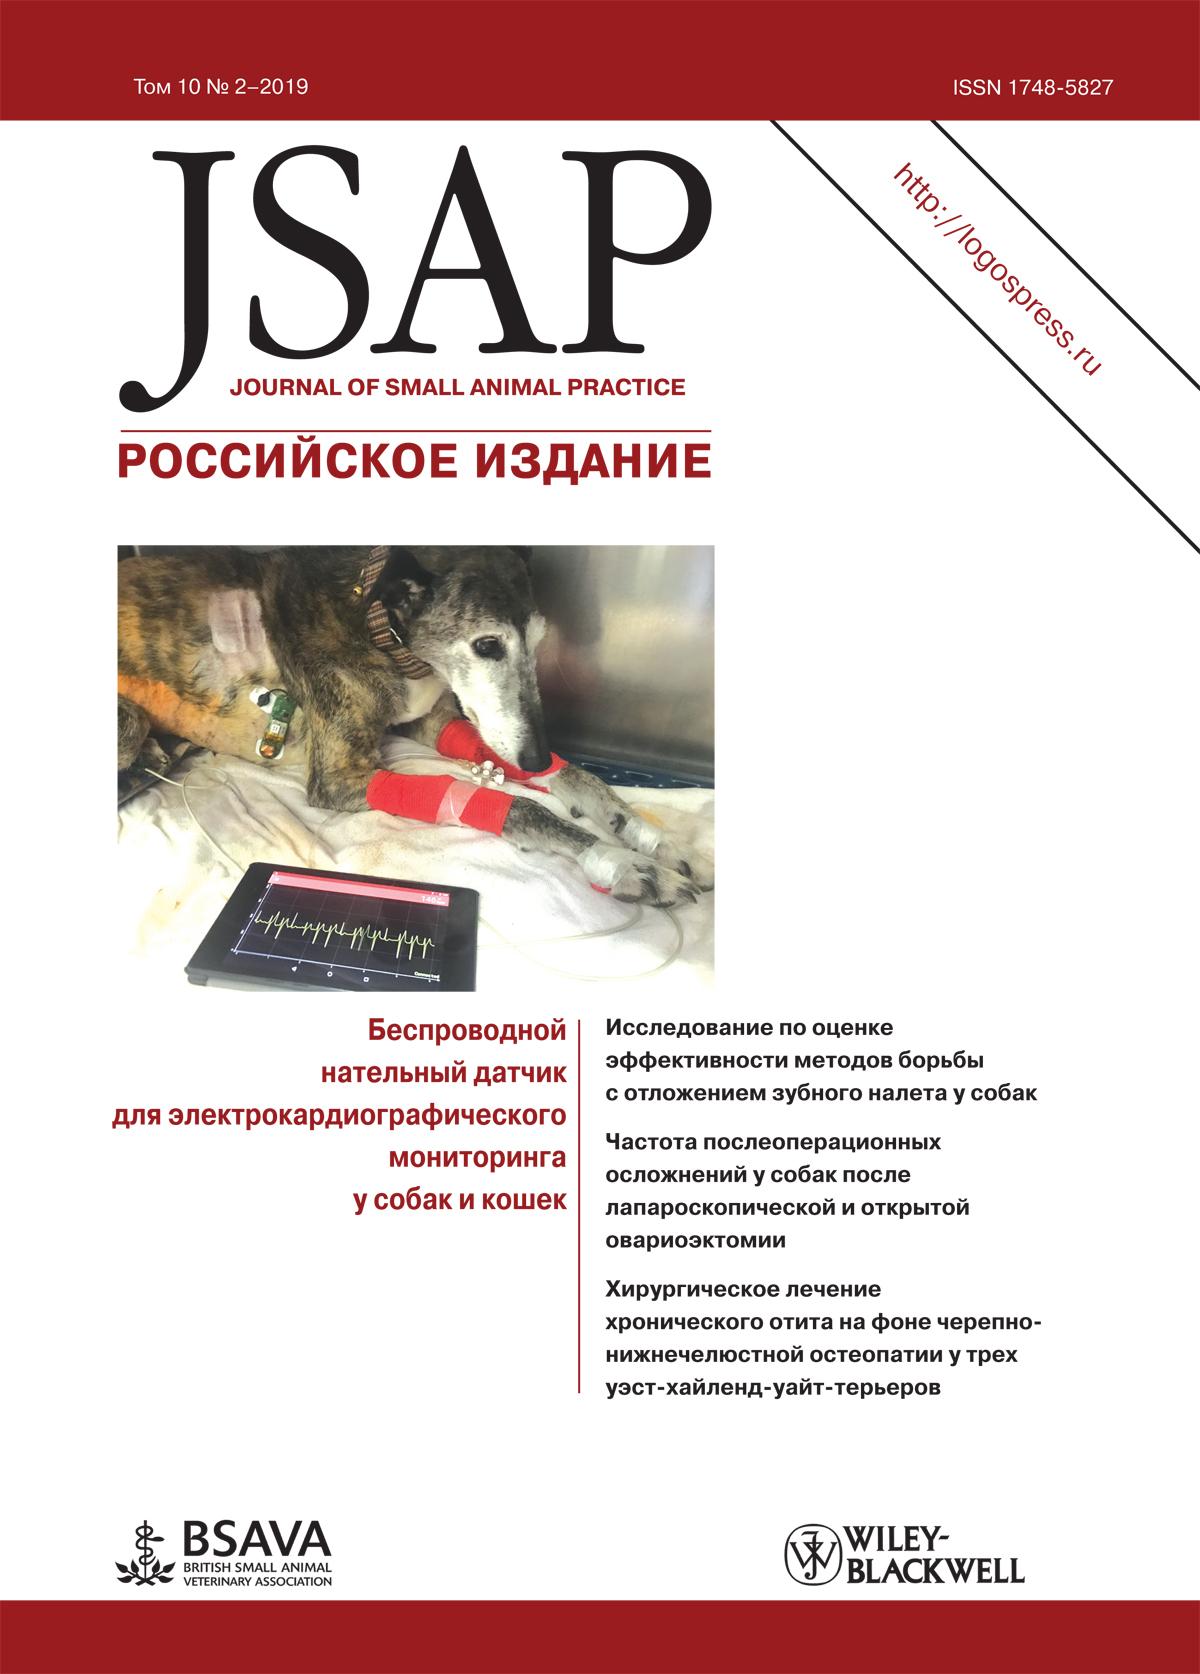 JSAP №2-2019